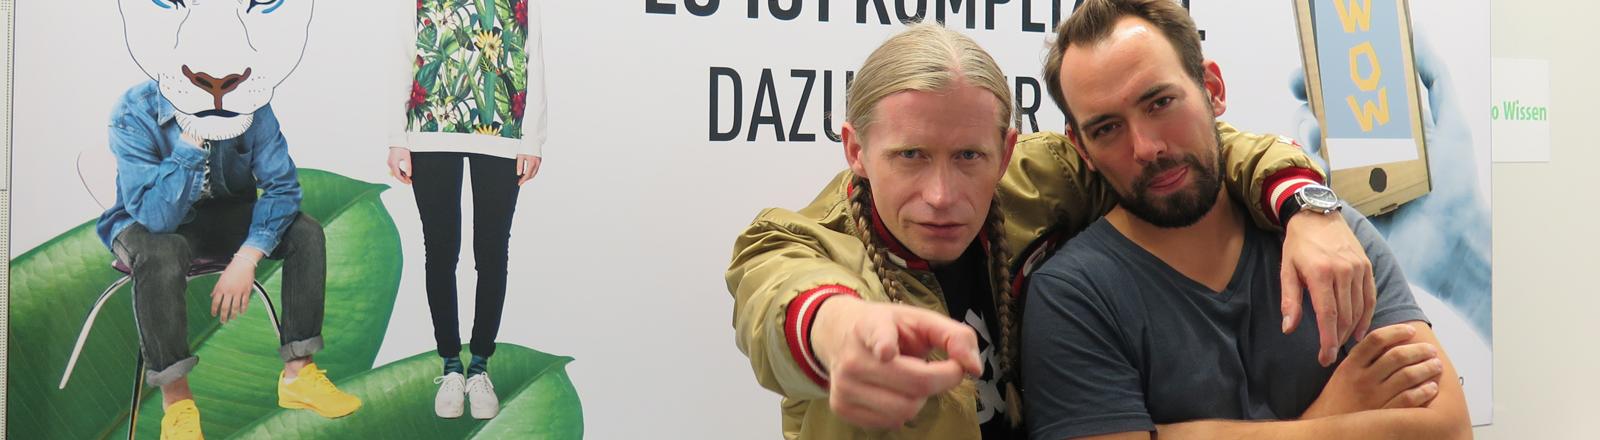 Schlager Rapper Romano zusammen mit DRadio-Wissen-Moderator Dominik Schottner